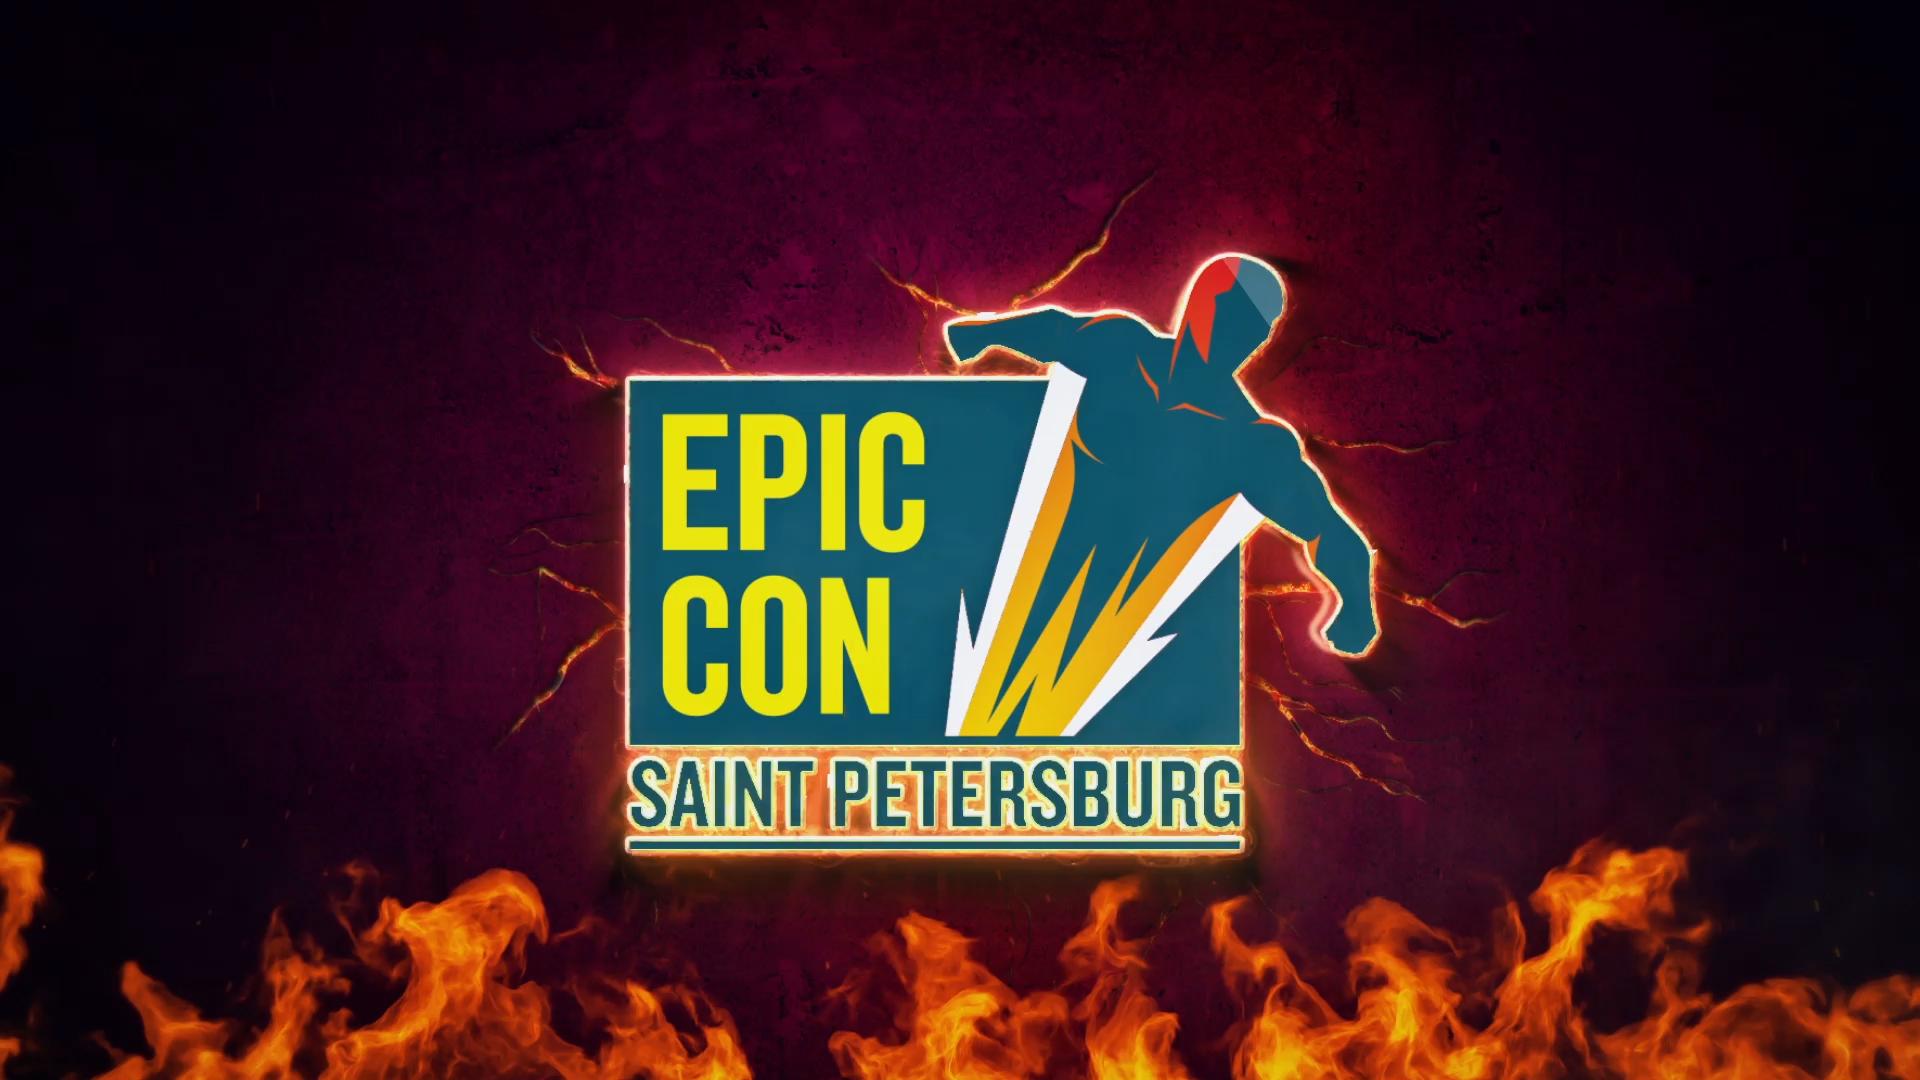 Создать рекламный ролик фестиваля фантастики Epic Con фото f_4545cb75d1075171.jpg